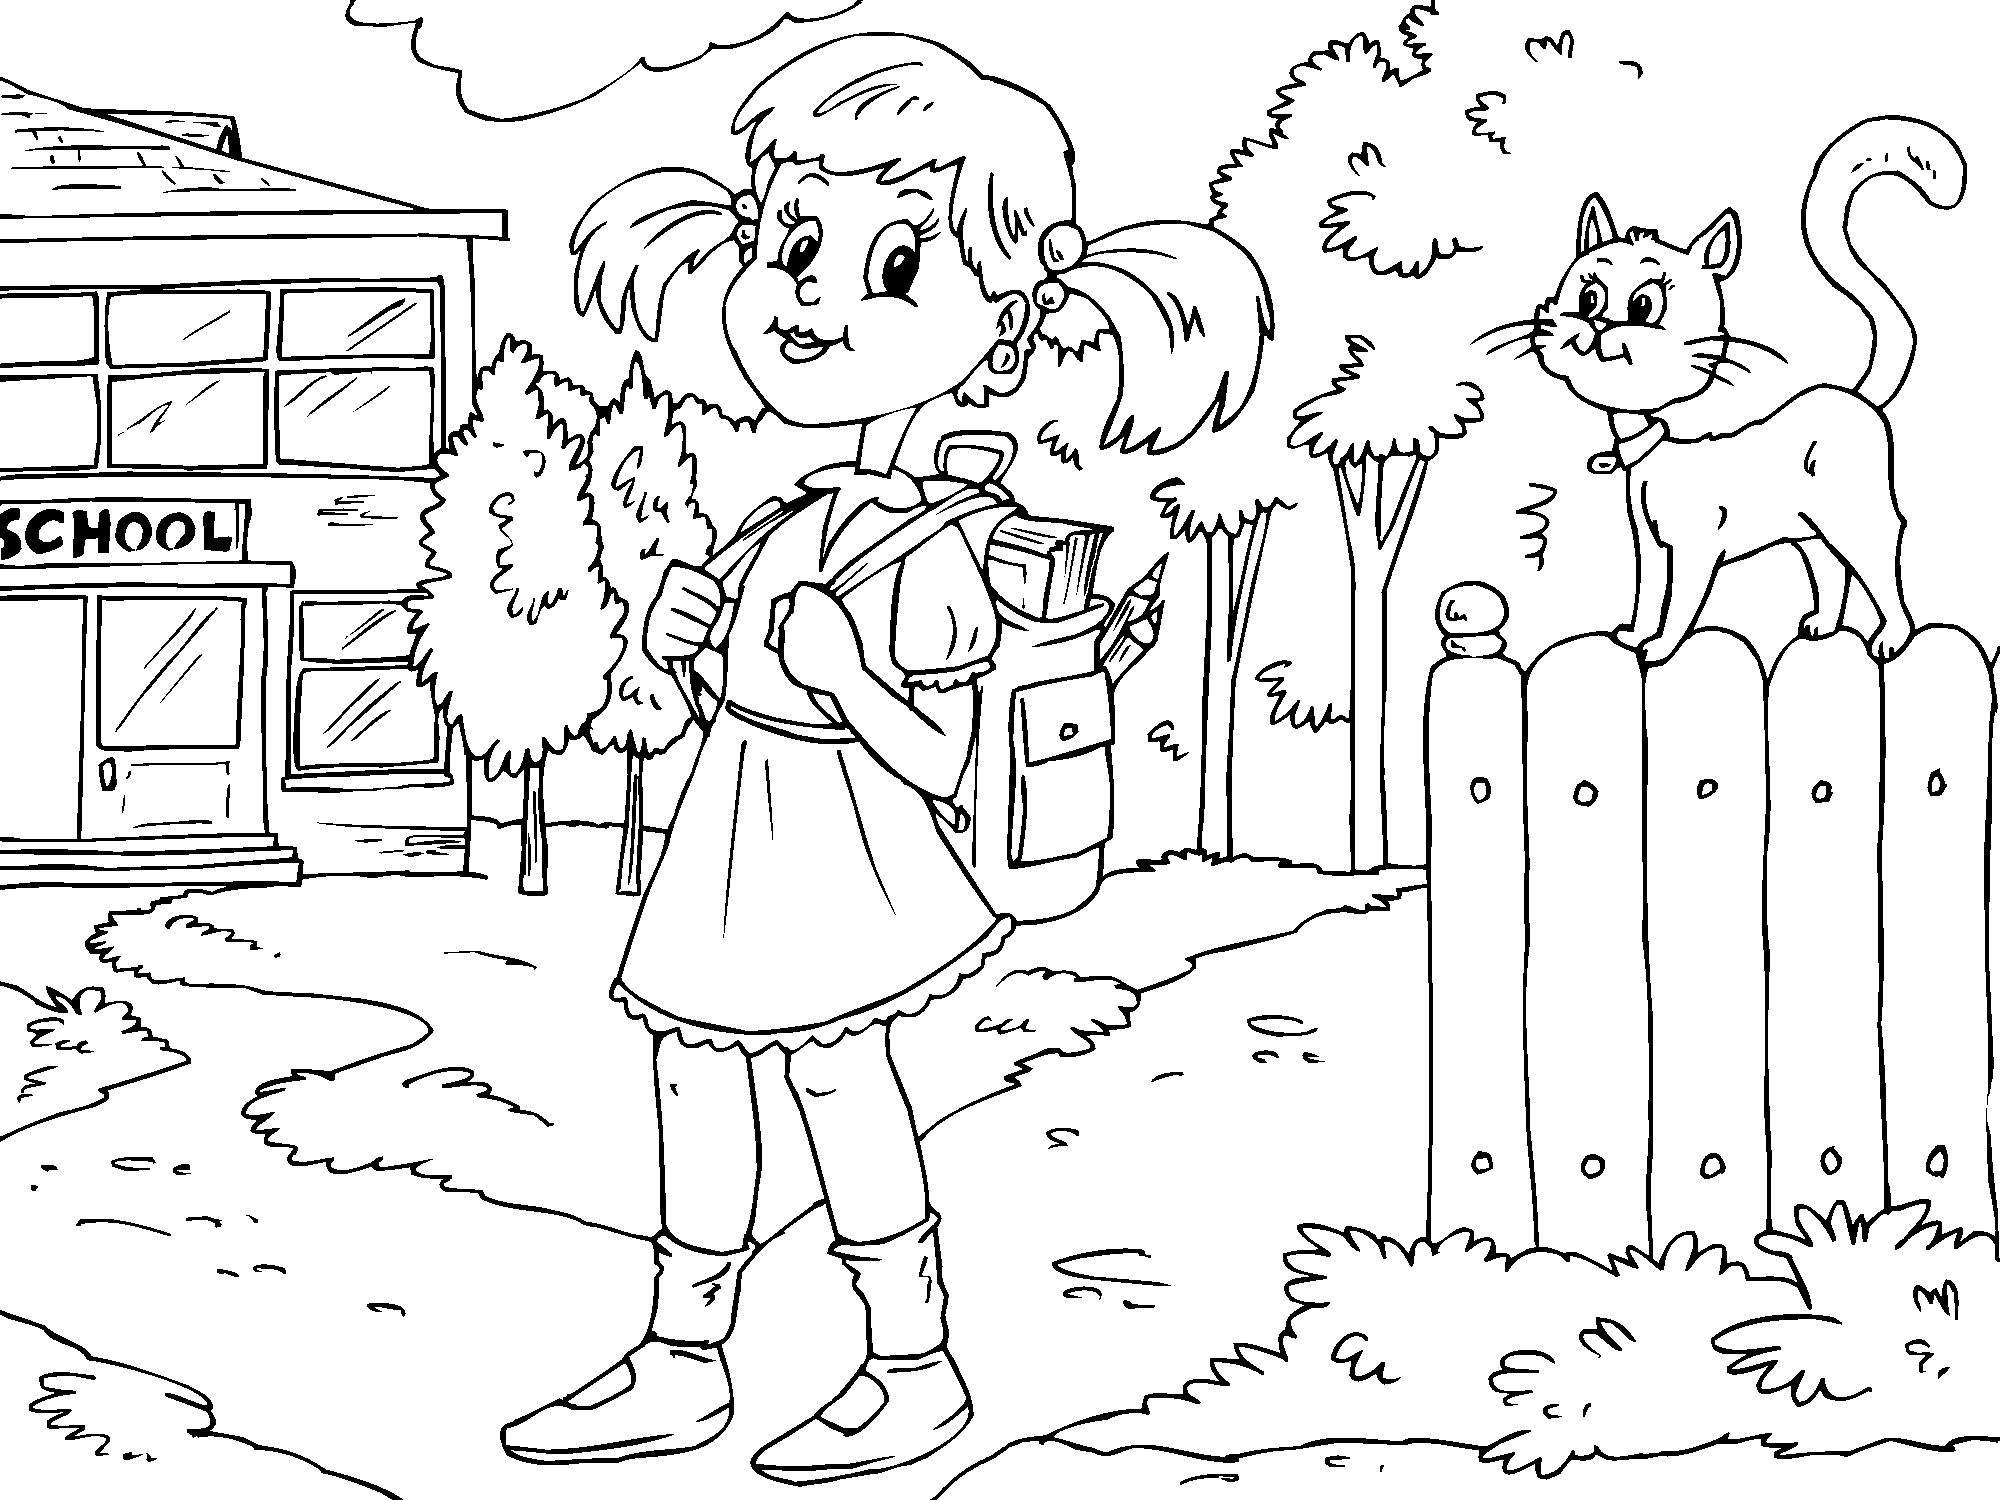 Dibujo para colorear ir al colegio - Img 22686